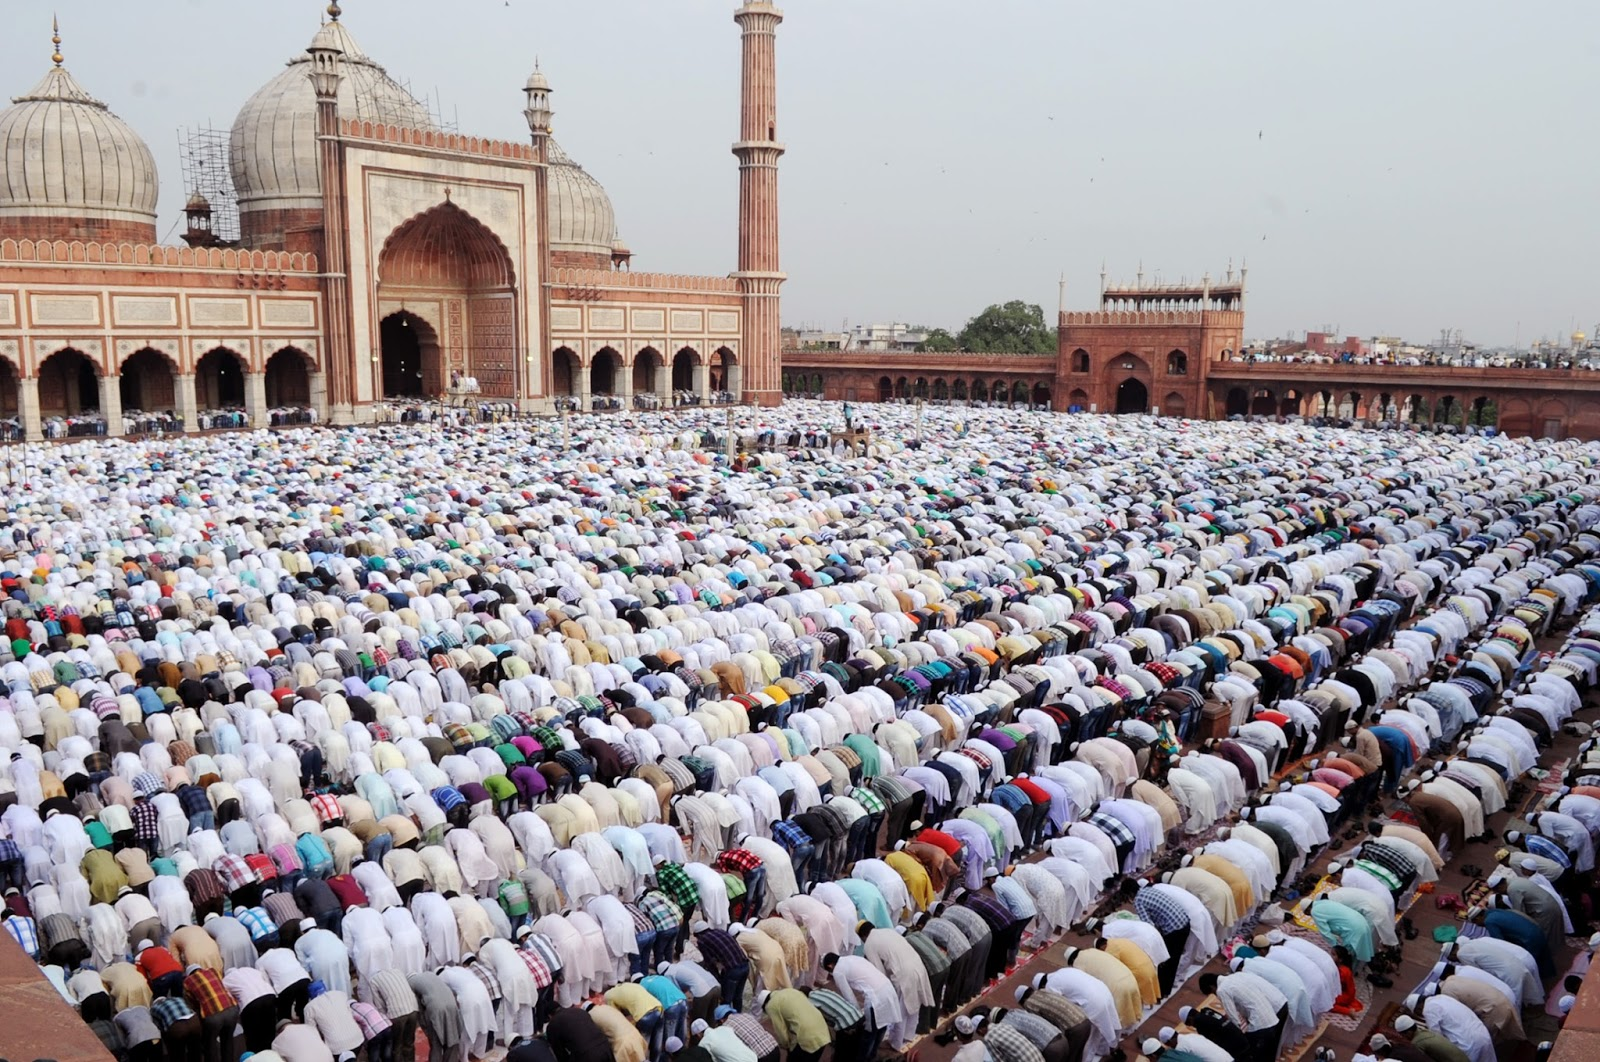 namaz 1 दारुल उलूम देवबंद का फतवा, घरो में होगी ईद की नमाज